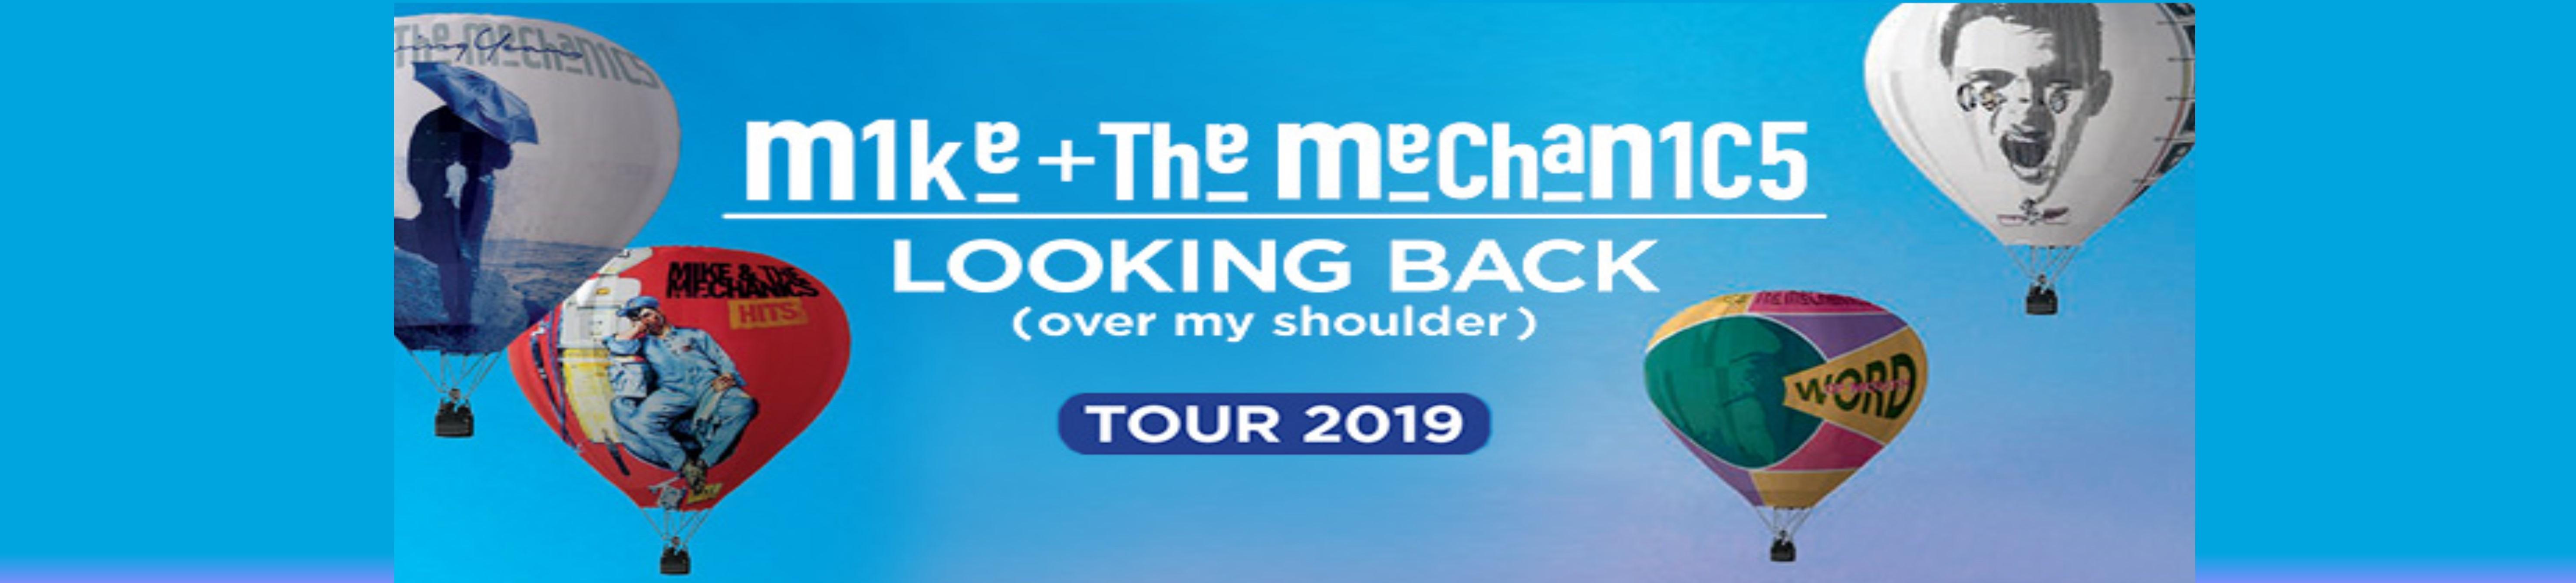 Mike-The-Mechanics-2019-1